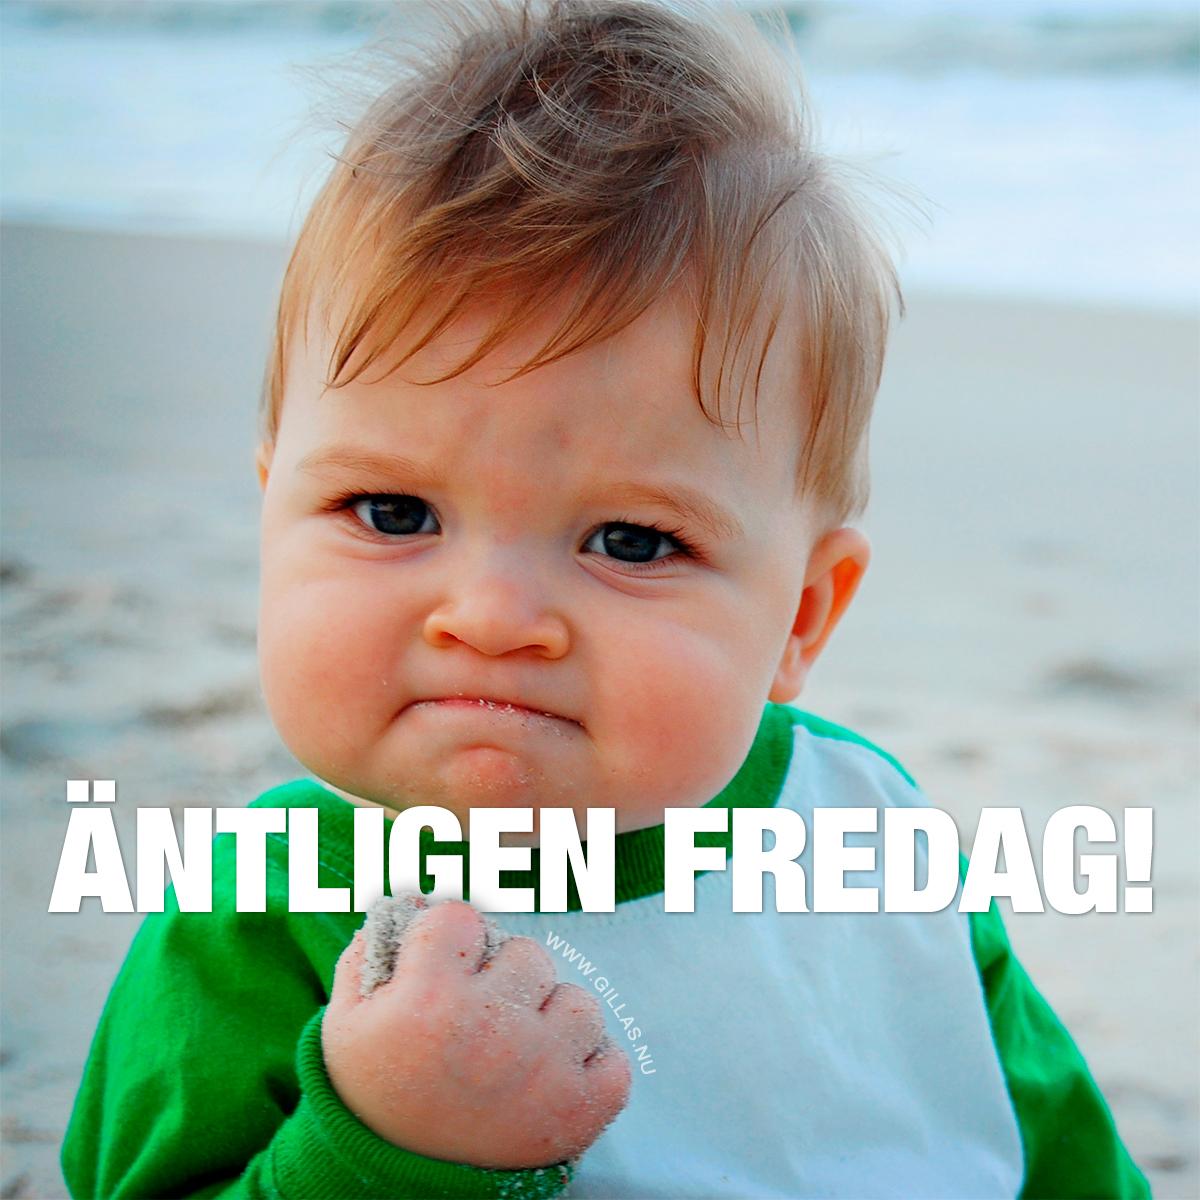 Gulligt barn knyter näven - Äntligen fredag!